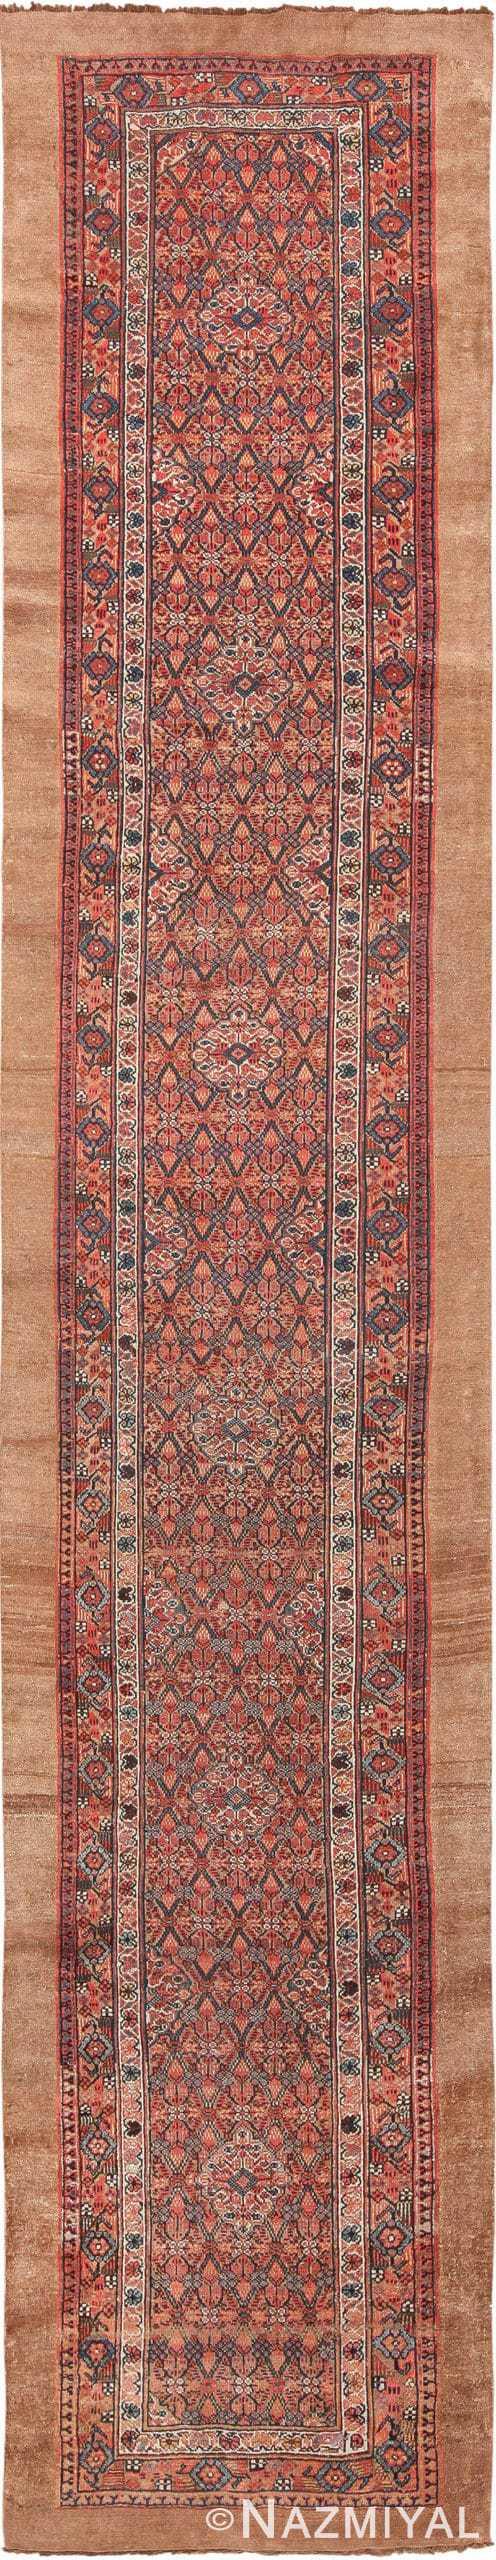 Long and Narrow Antique Tribal Persian Serab Runner Rug 49719 - Nazmiyal